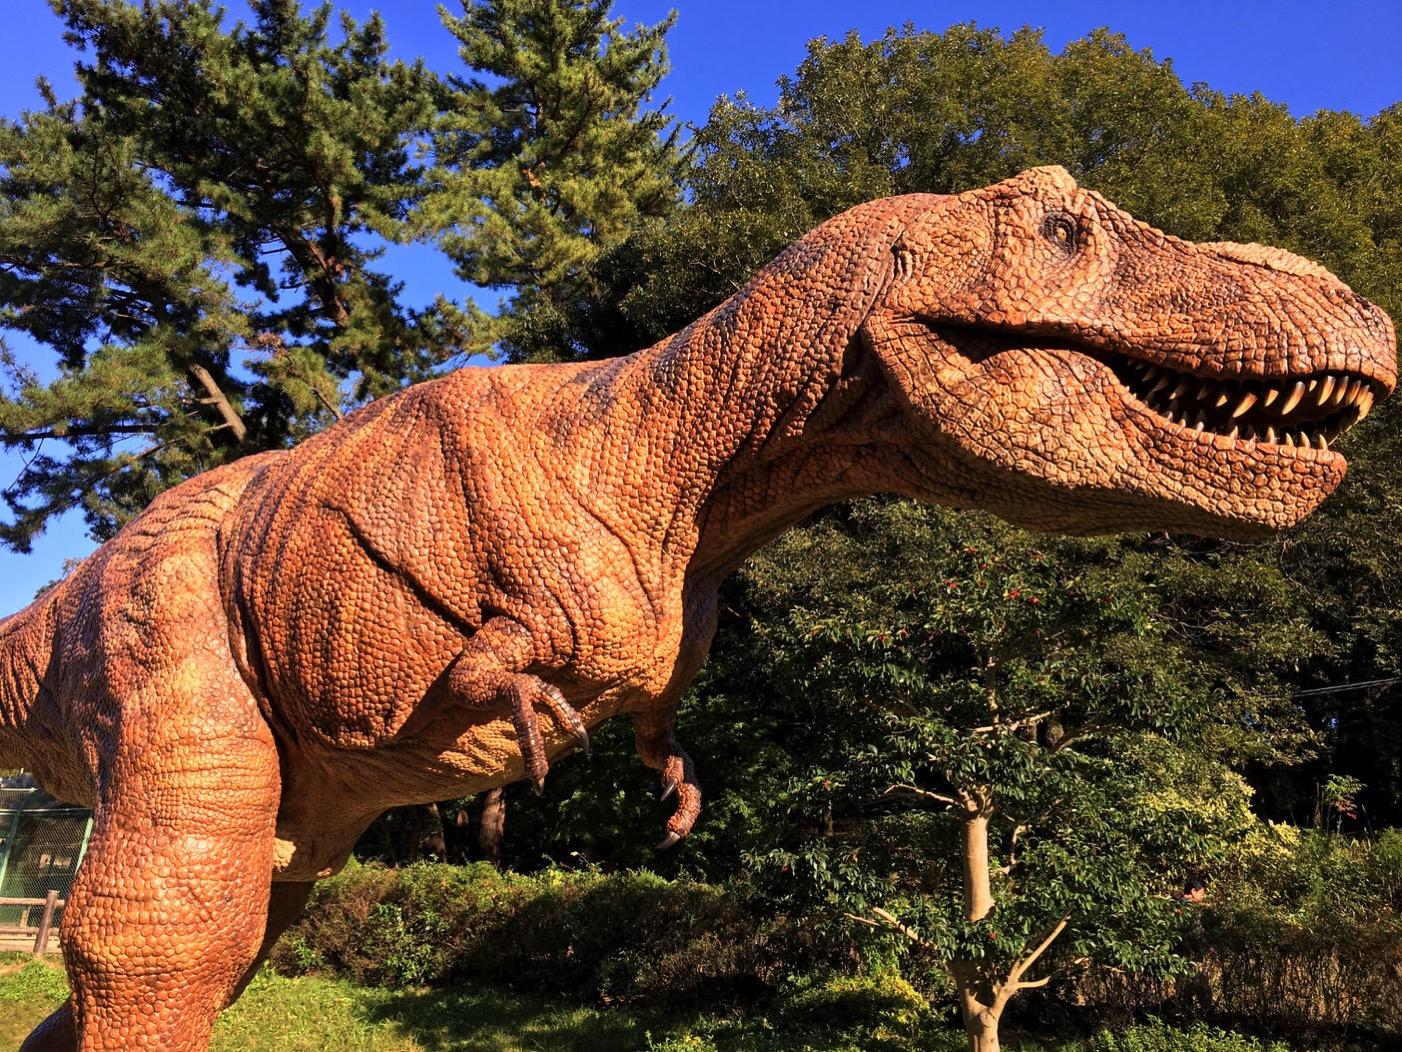 東公園の恐竜モニュメント・ティラノサウルス